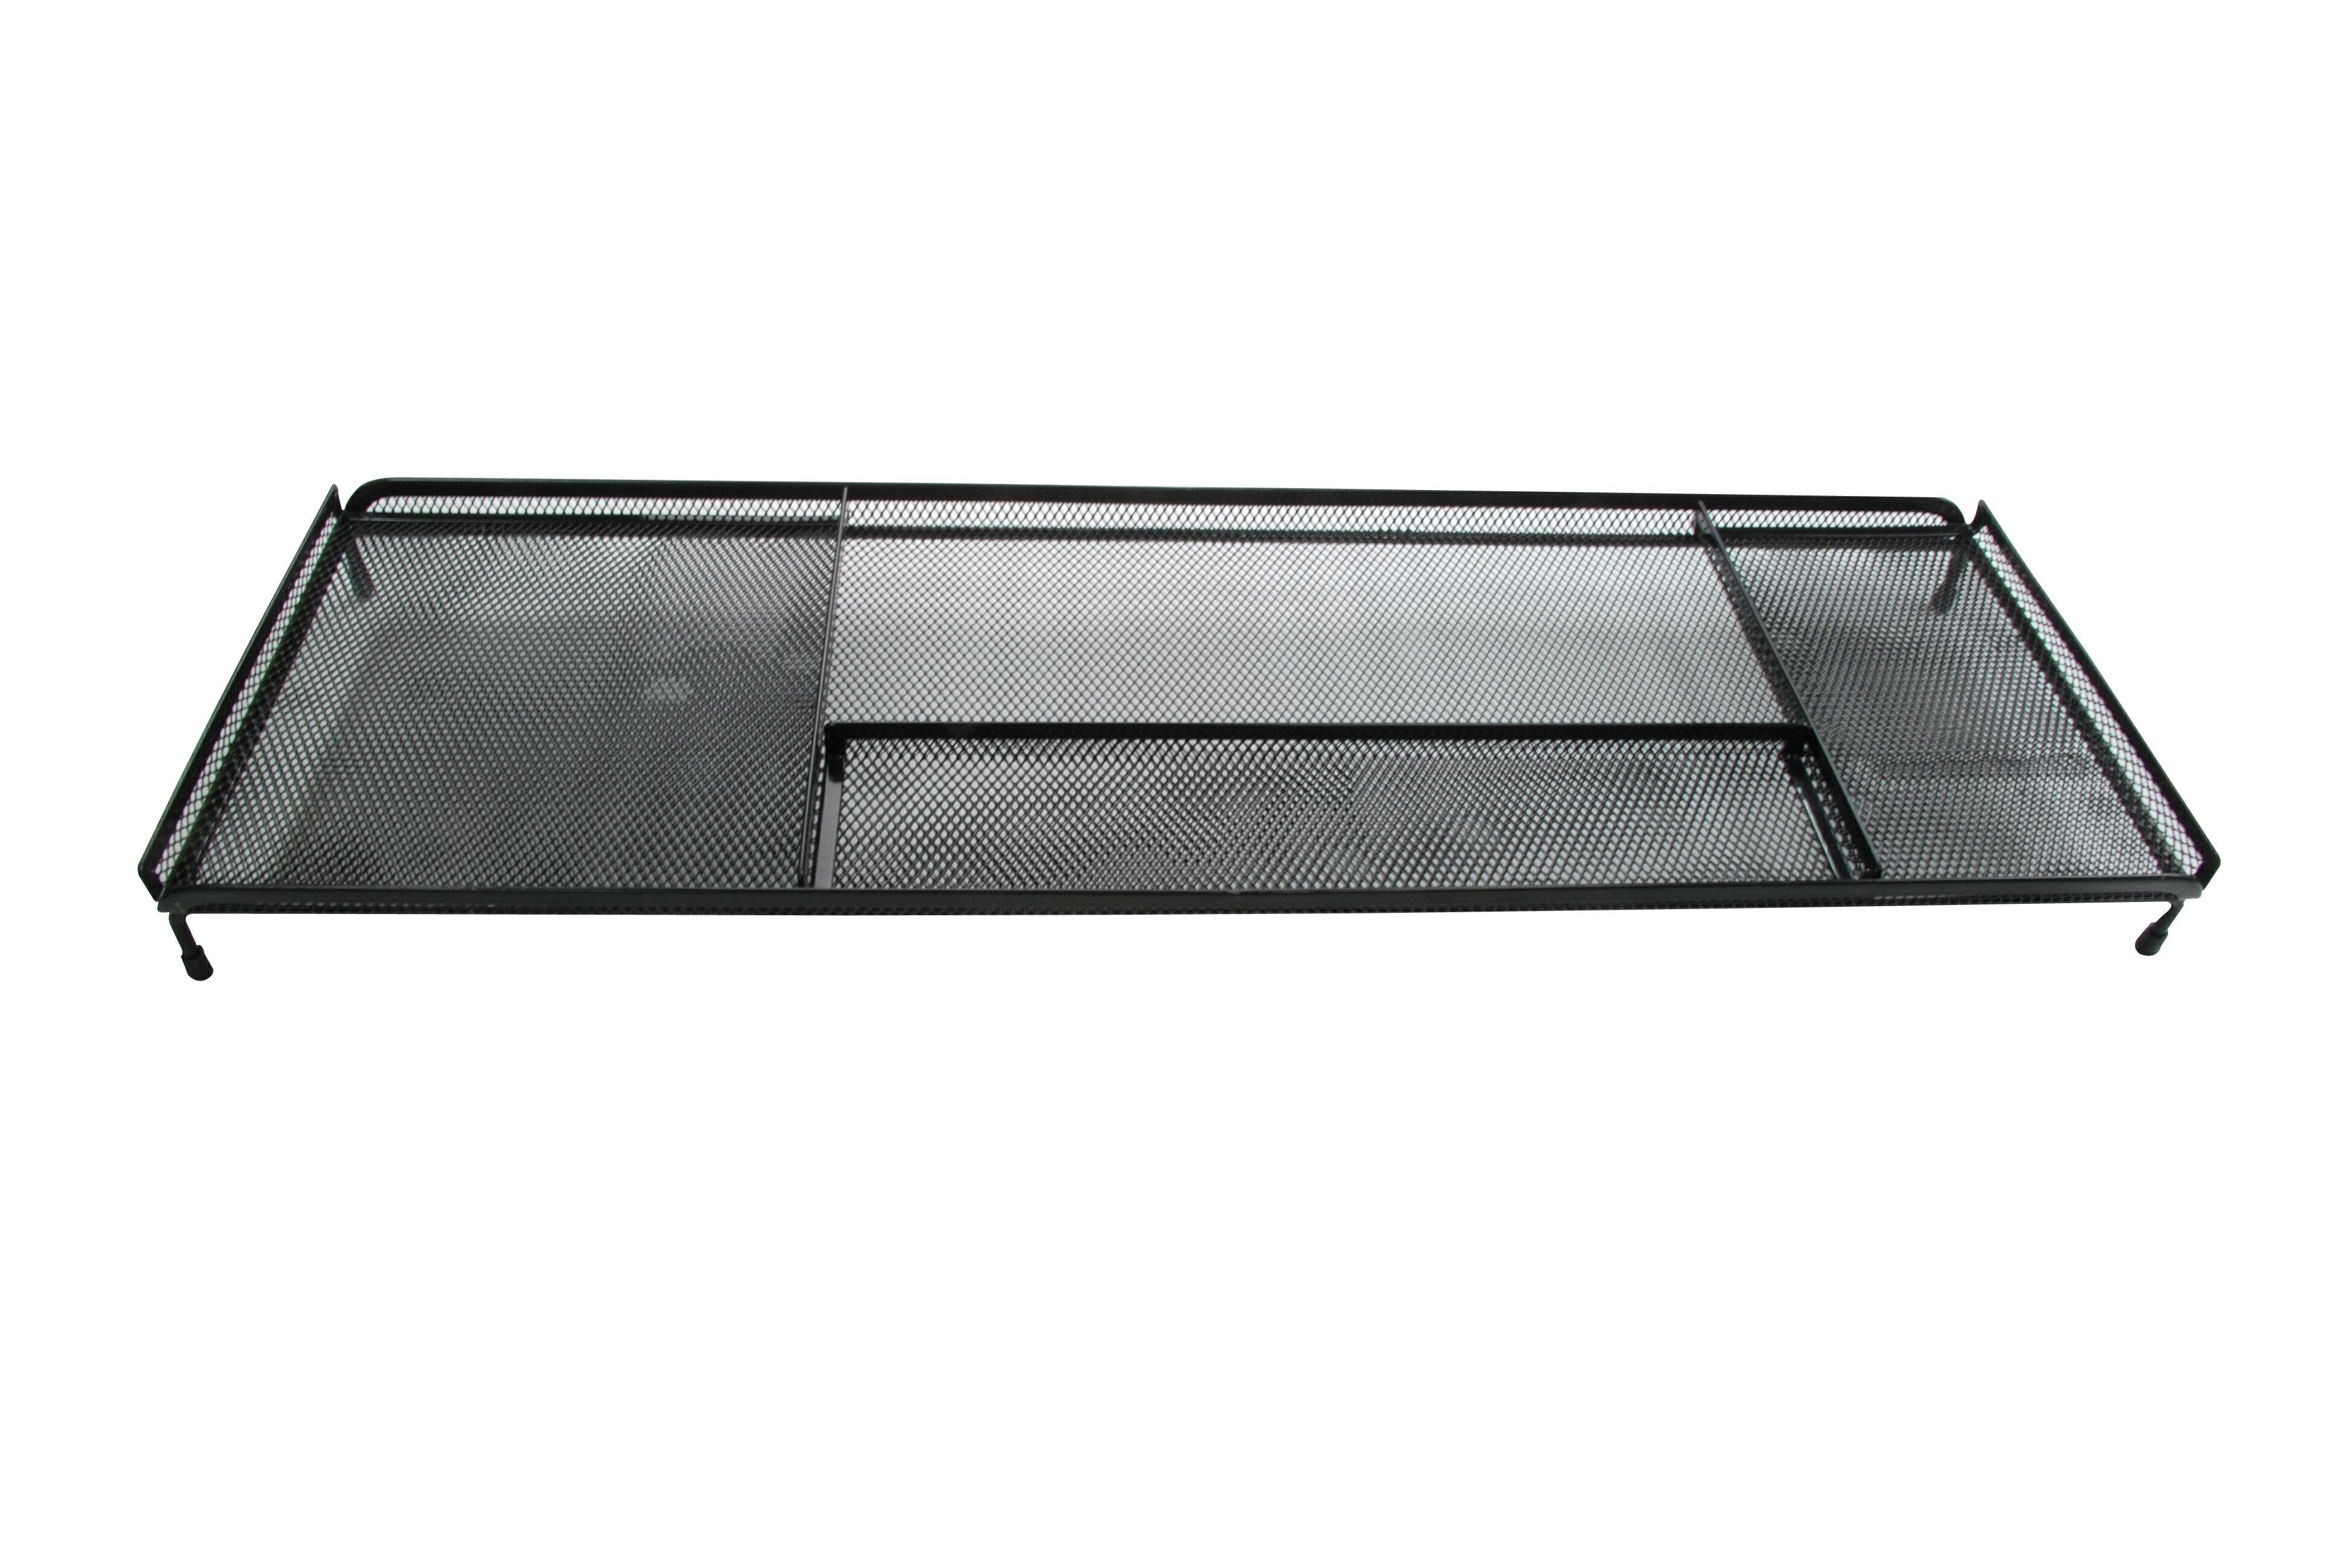 【凱樂絲】電腦桌辦公桌收納架 -4格收納區,可放置手機,筆,POST IT,文具用品 - 黑色網狀設計 0